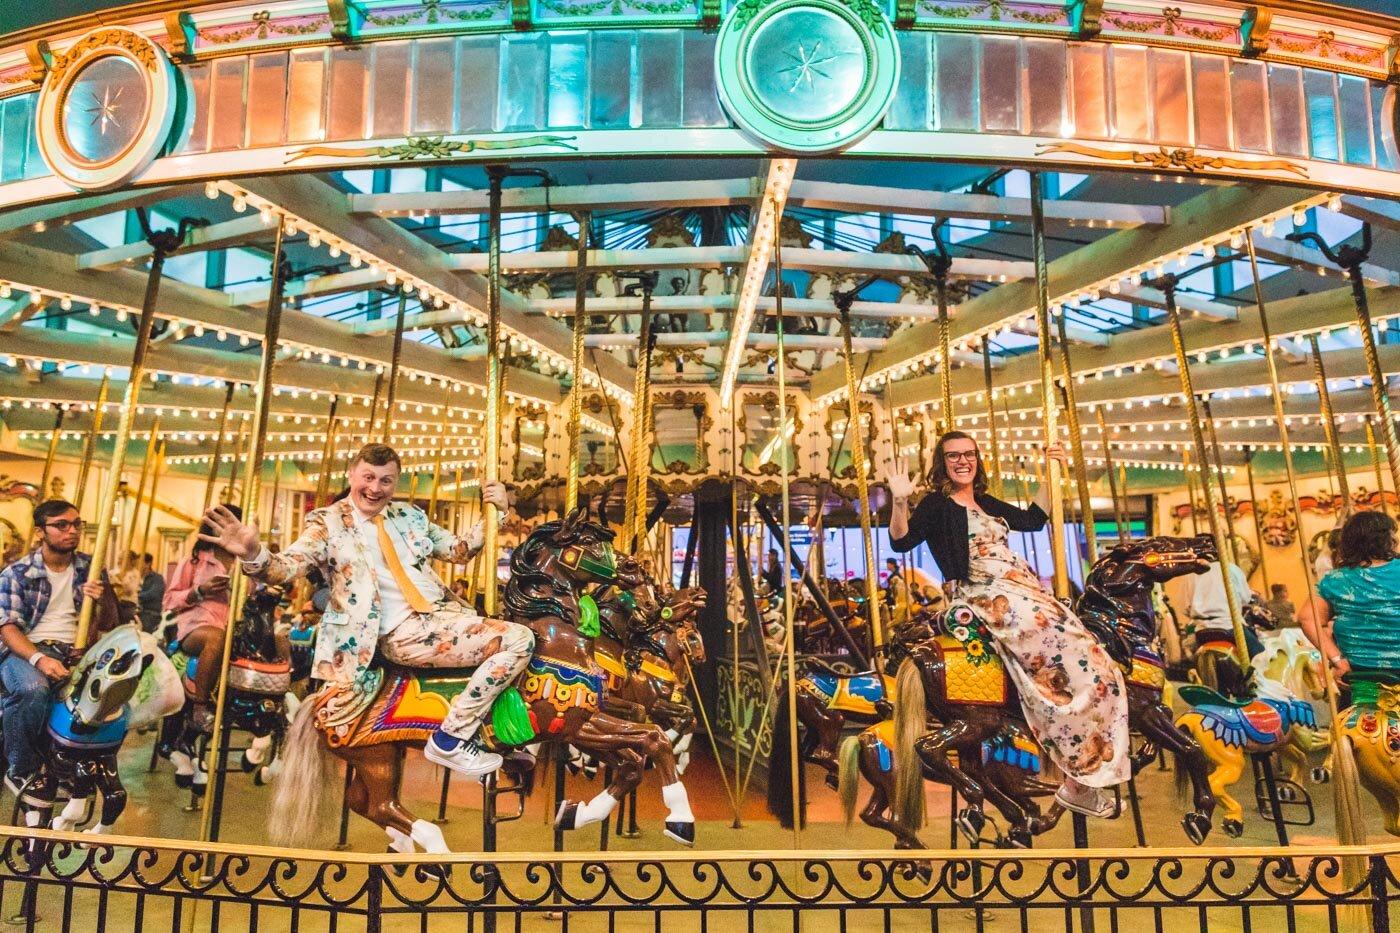 santa-cruz-boardwalk-carousel-wedding-photo